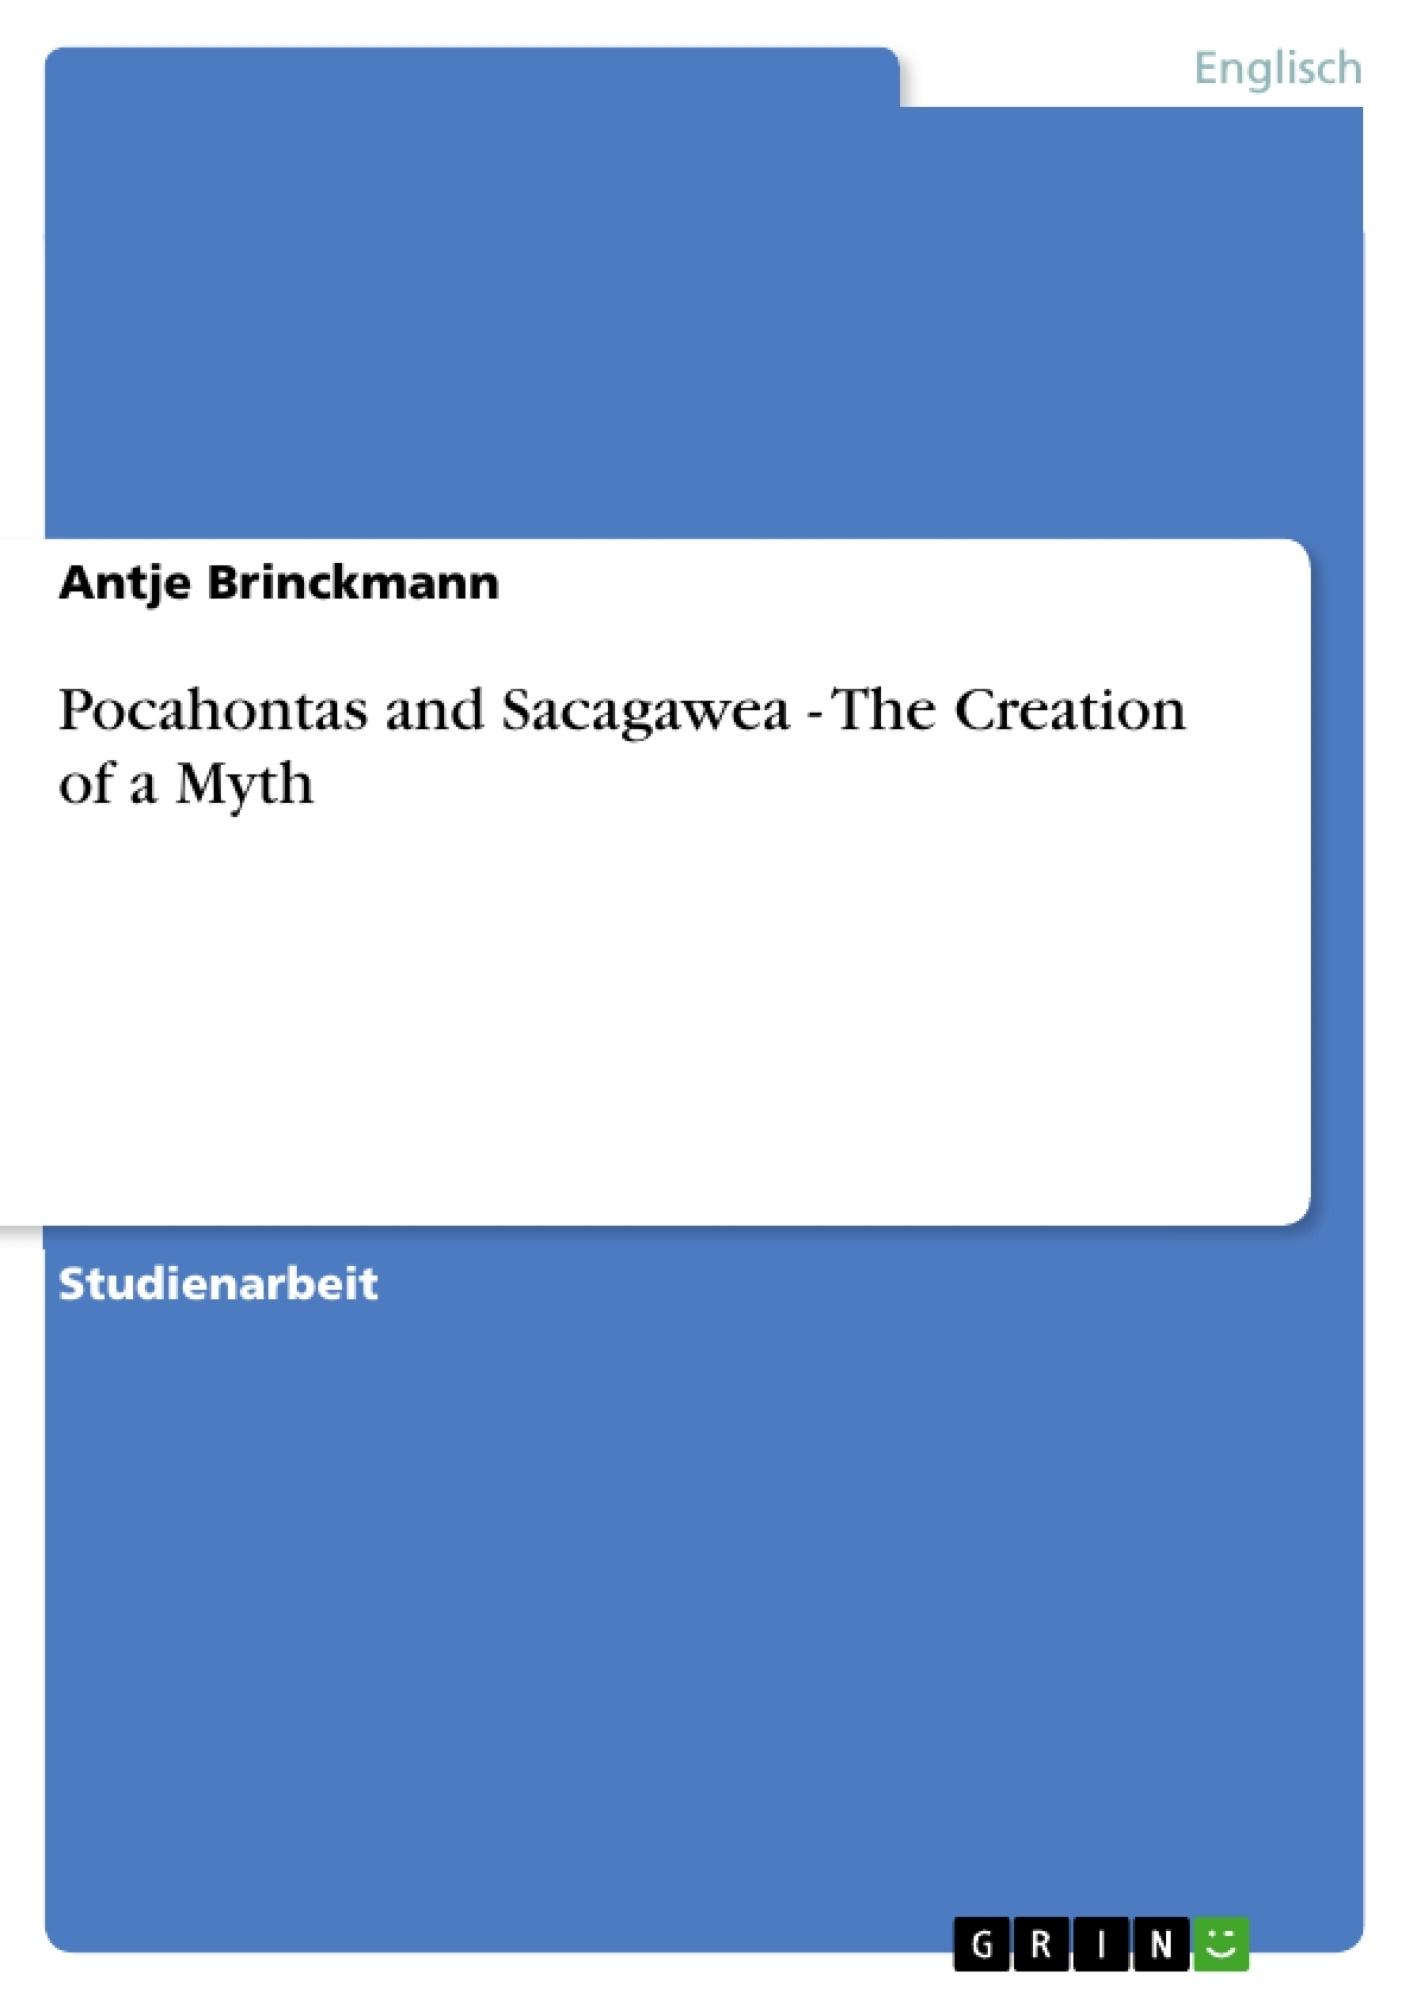 Titel: Pocahontas and Sacagawea - The Creation of a Myth